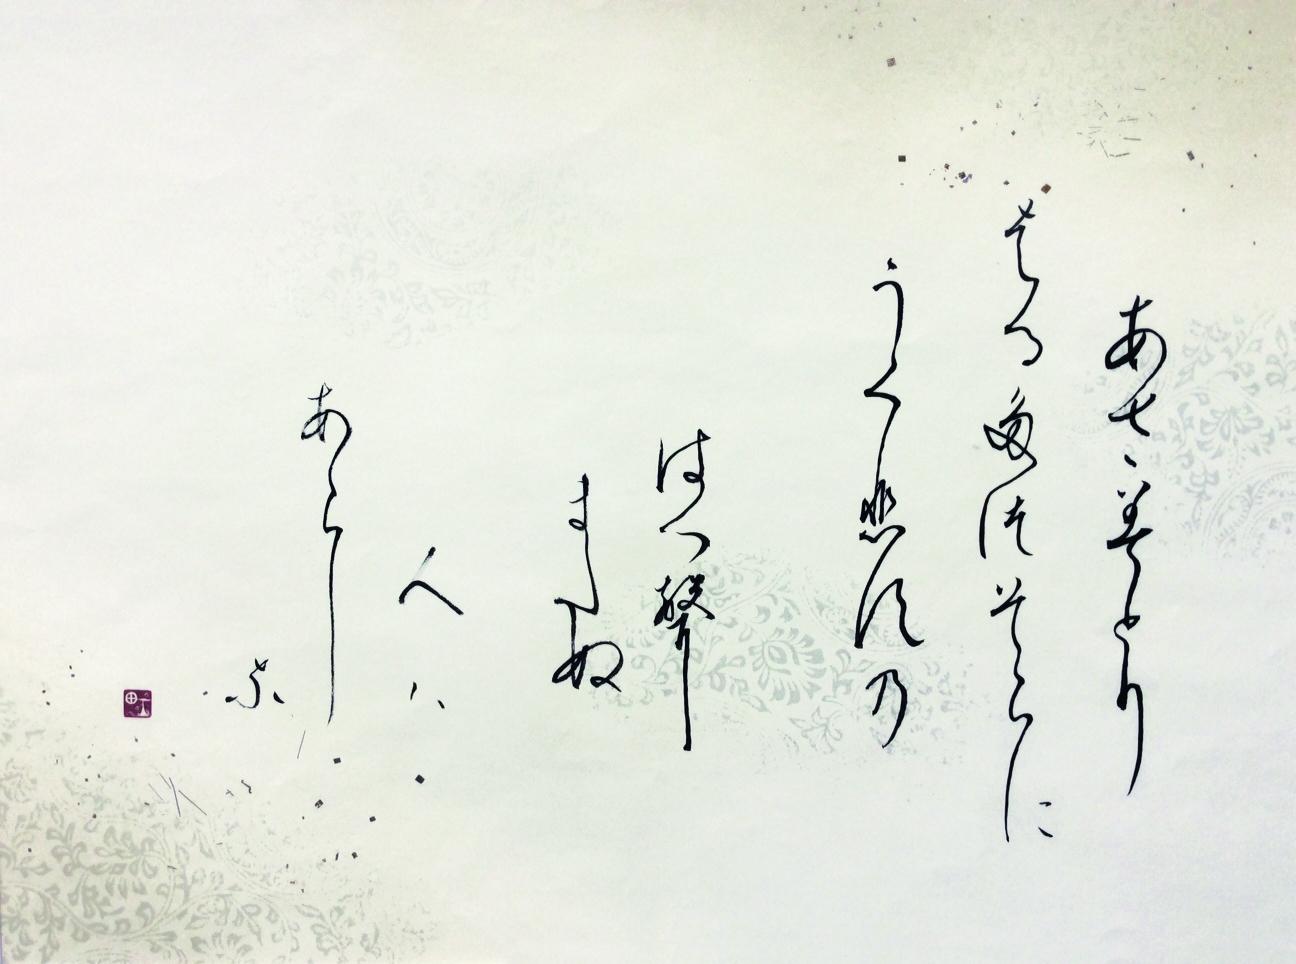 Machiko Hafner-Nakai, Frühlingsanfang, Tusche auf japanischem dekorativem Papier für Kalligrafie, 52,5 x 66,5 cm